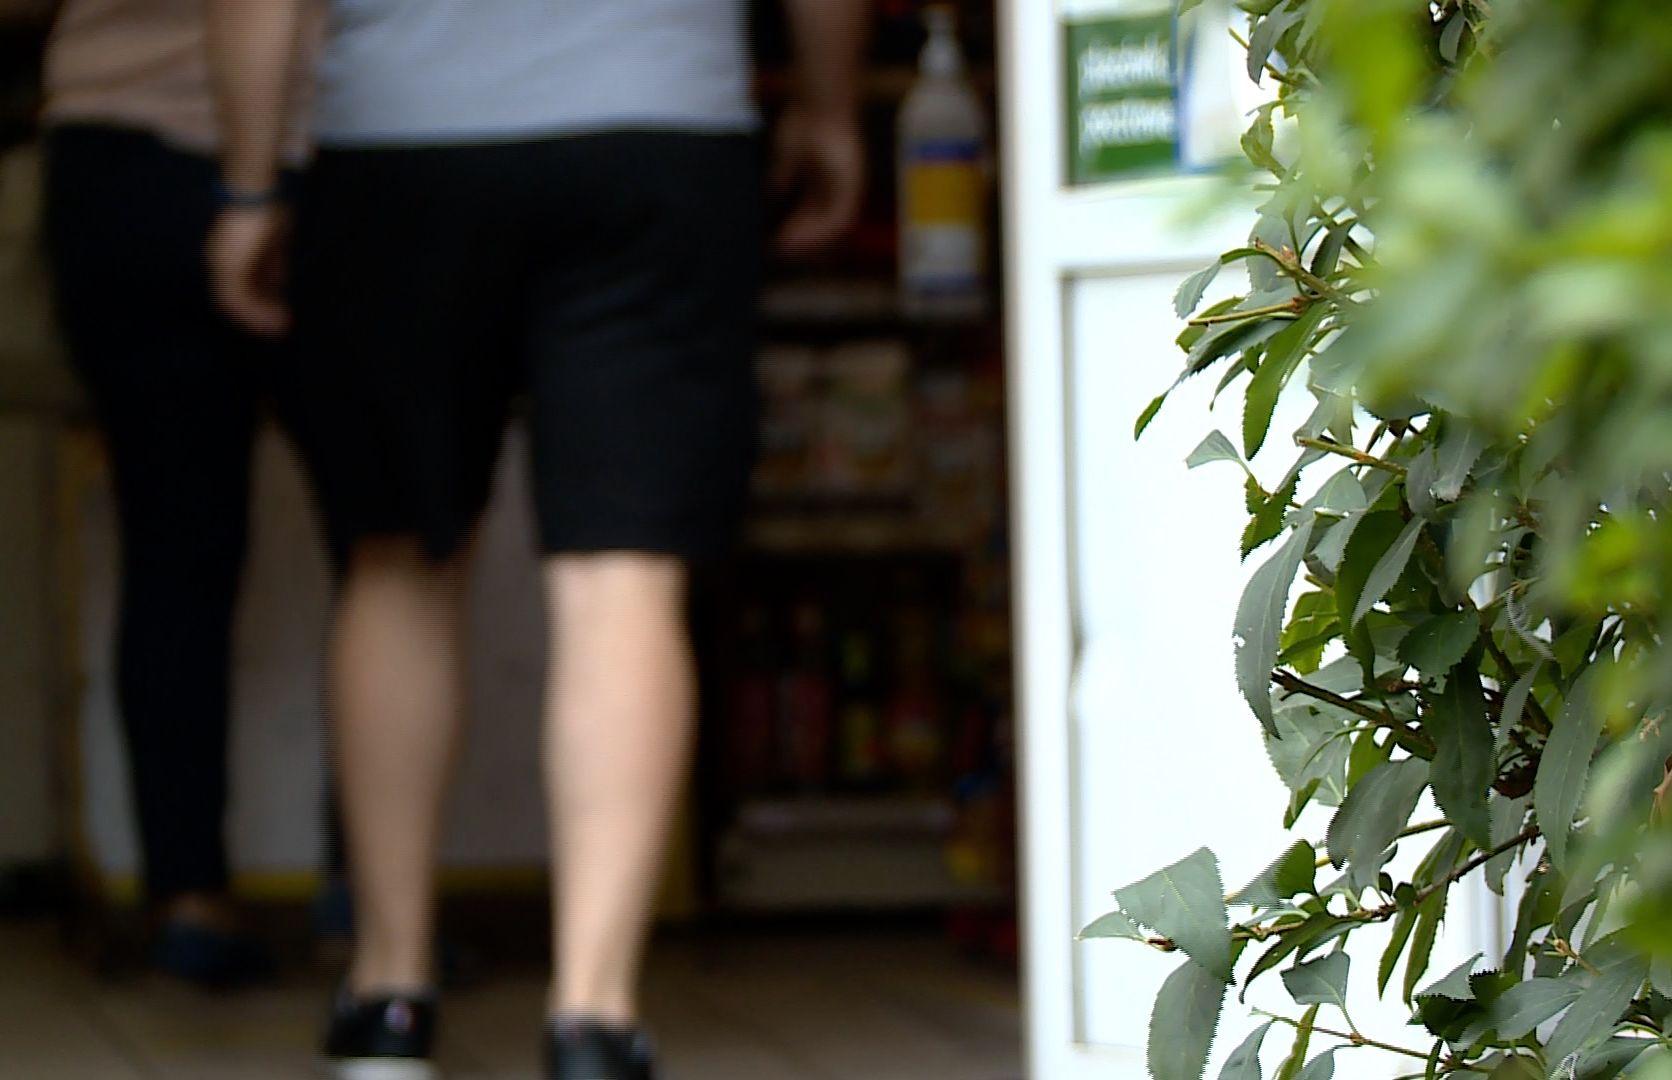 Poczekał, aż wyjdą klienci i napadł na sklep (WIDEO)